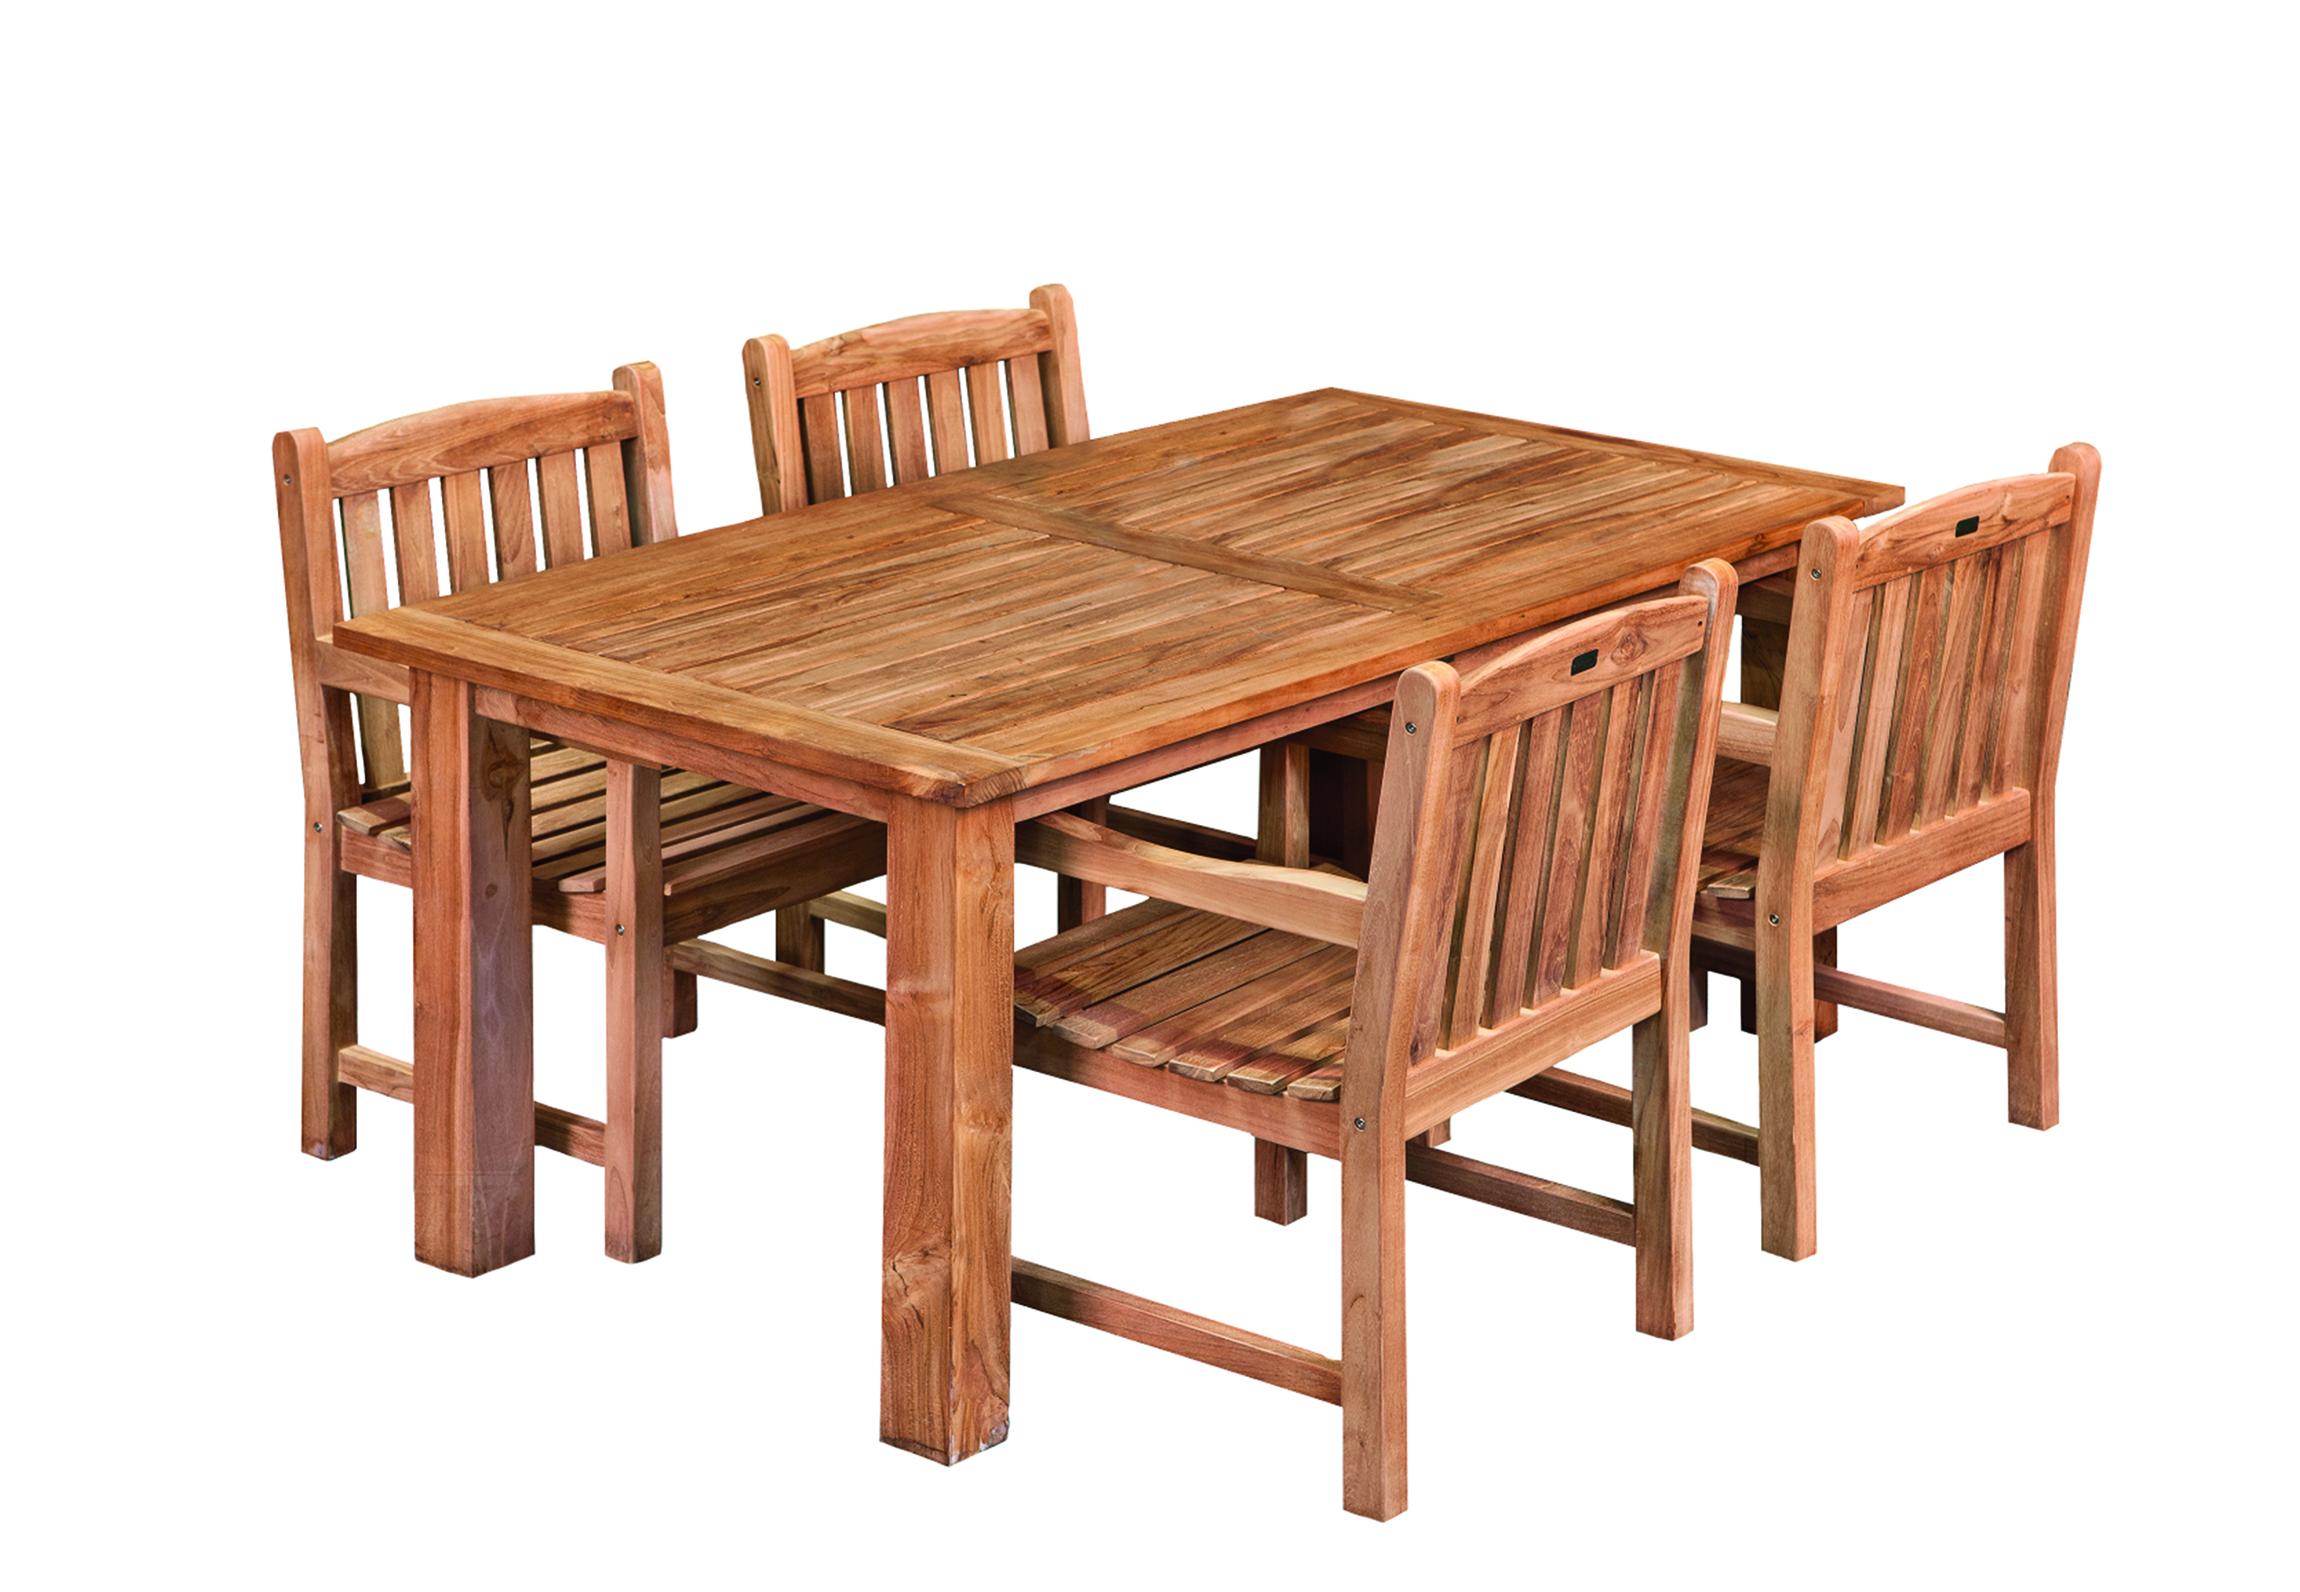 Eettafel Stoelen Modern.Dinner Set Teak Hardhout Modern 180 X 90 Cm Met 4 Stoelen